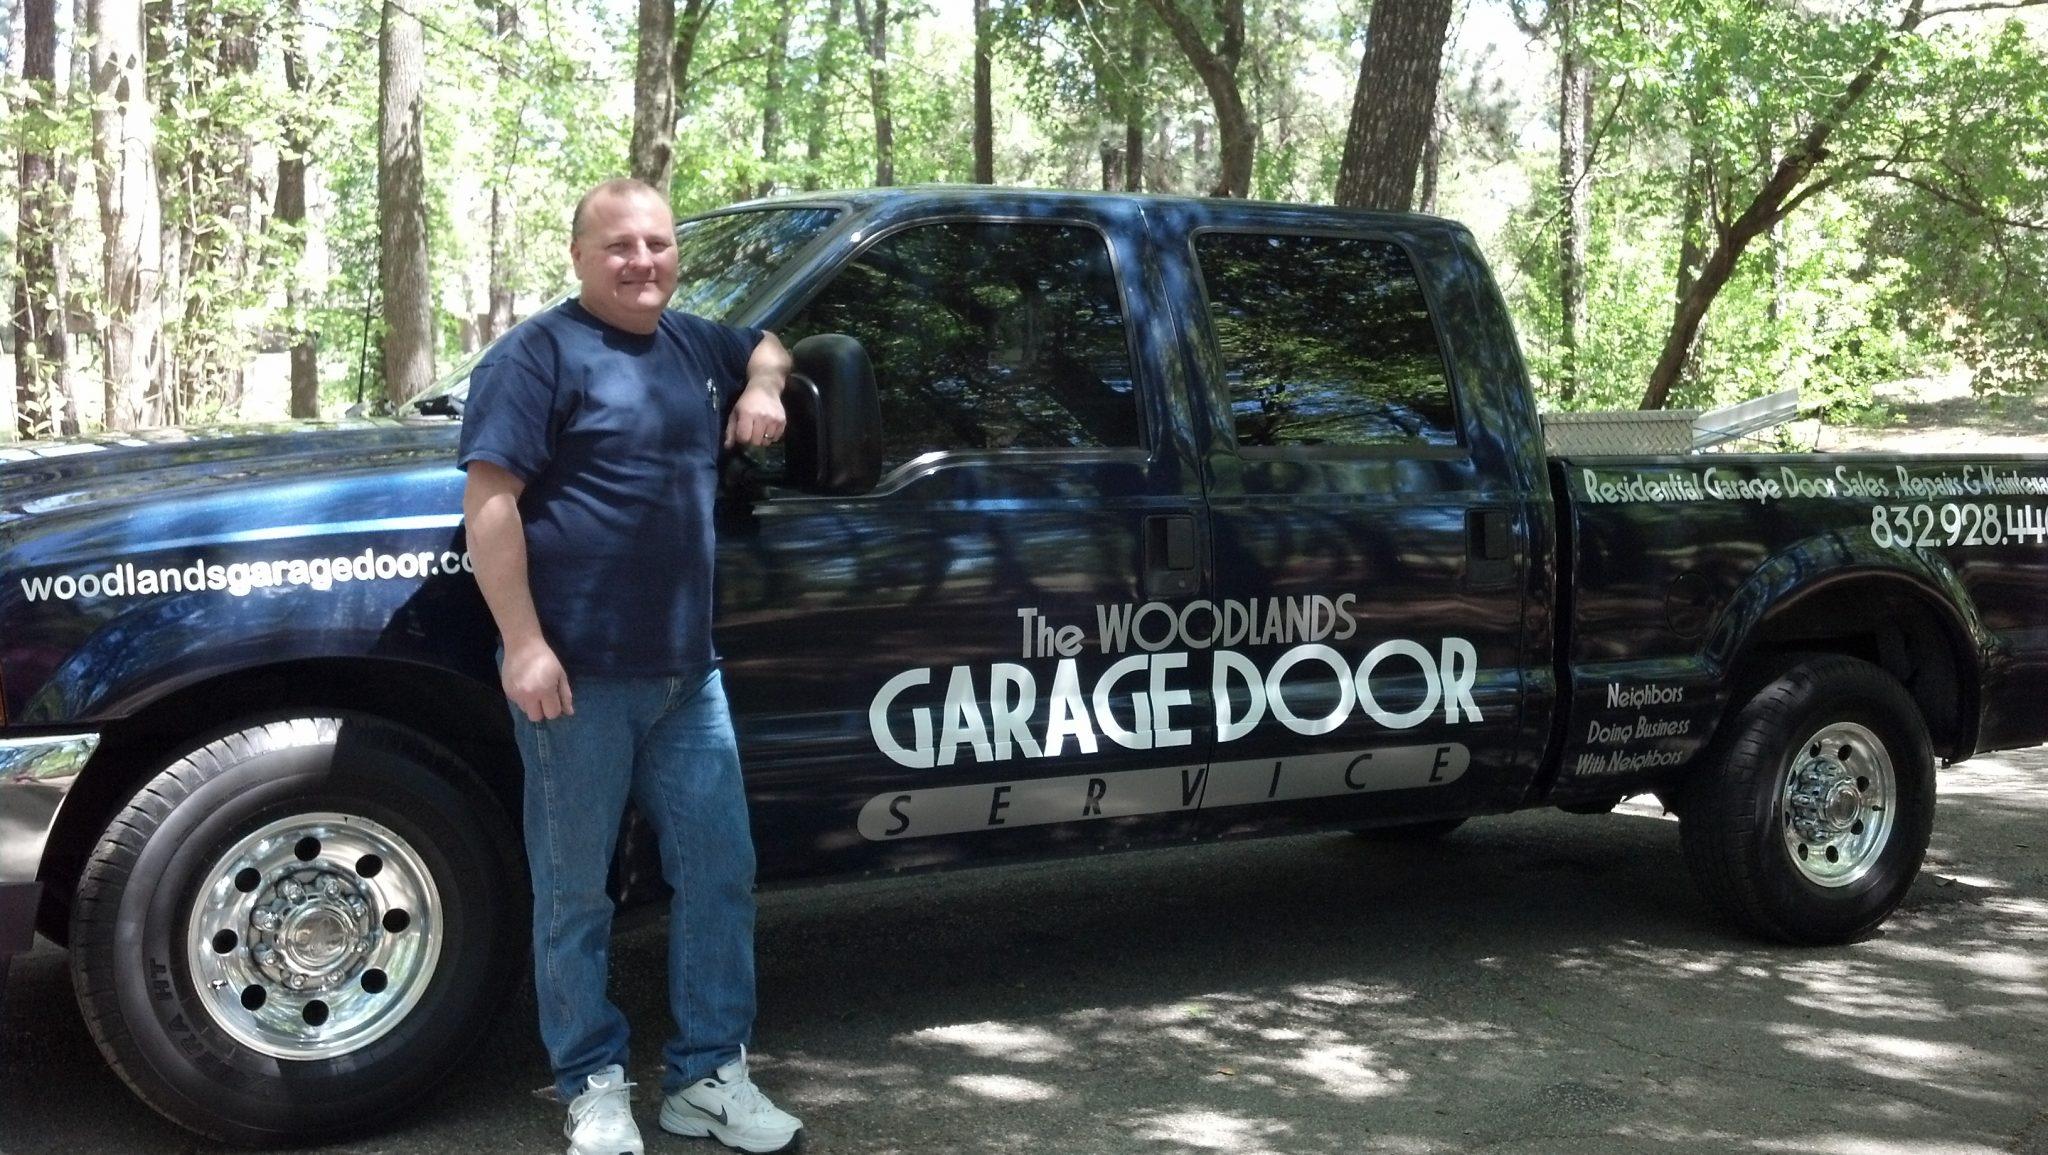 The Woodlands Garage Door Service truck